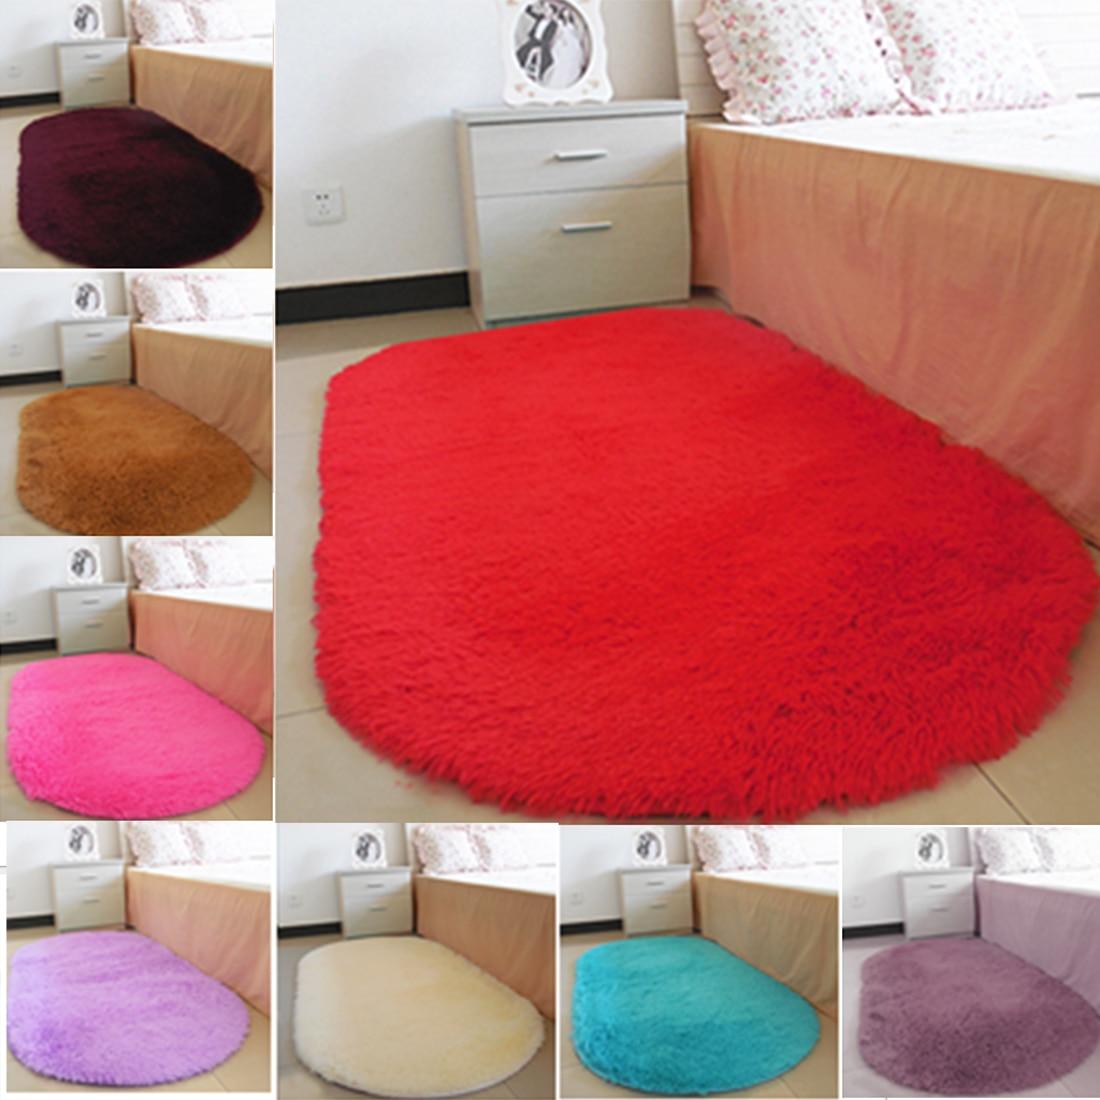 Tapis Salle De Bain Super Absorbant ~ 1 pcs salle de bains tapis ovale doux et absorbant m moire tapis